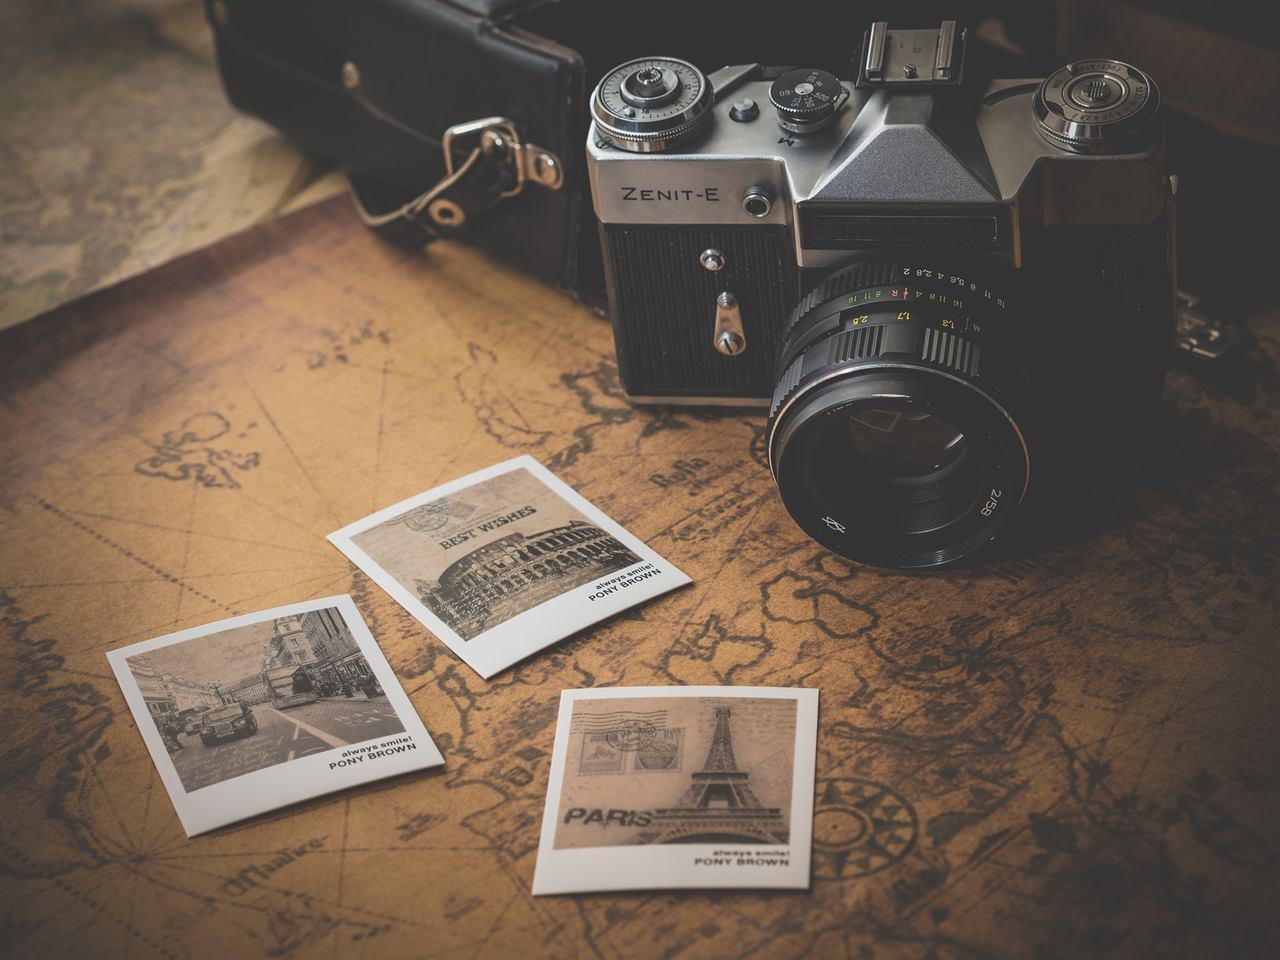 Фотоаппарат для путешествий